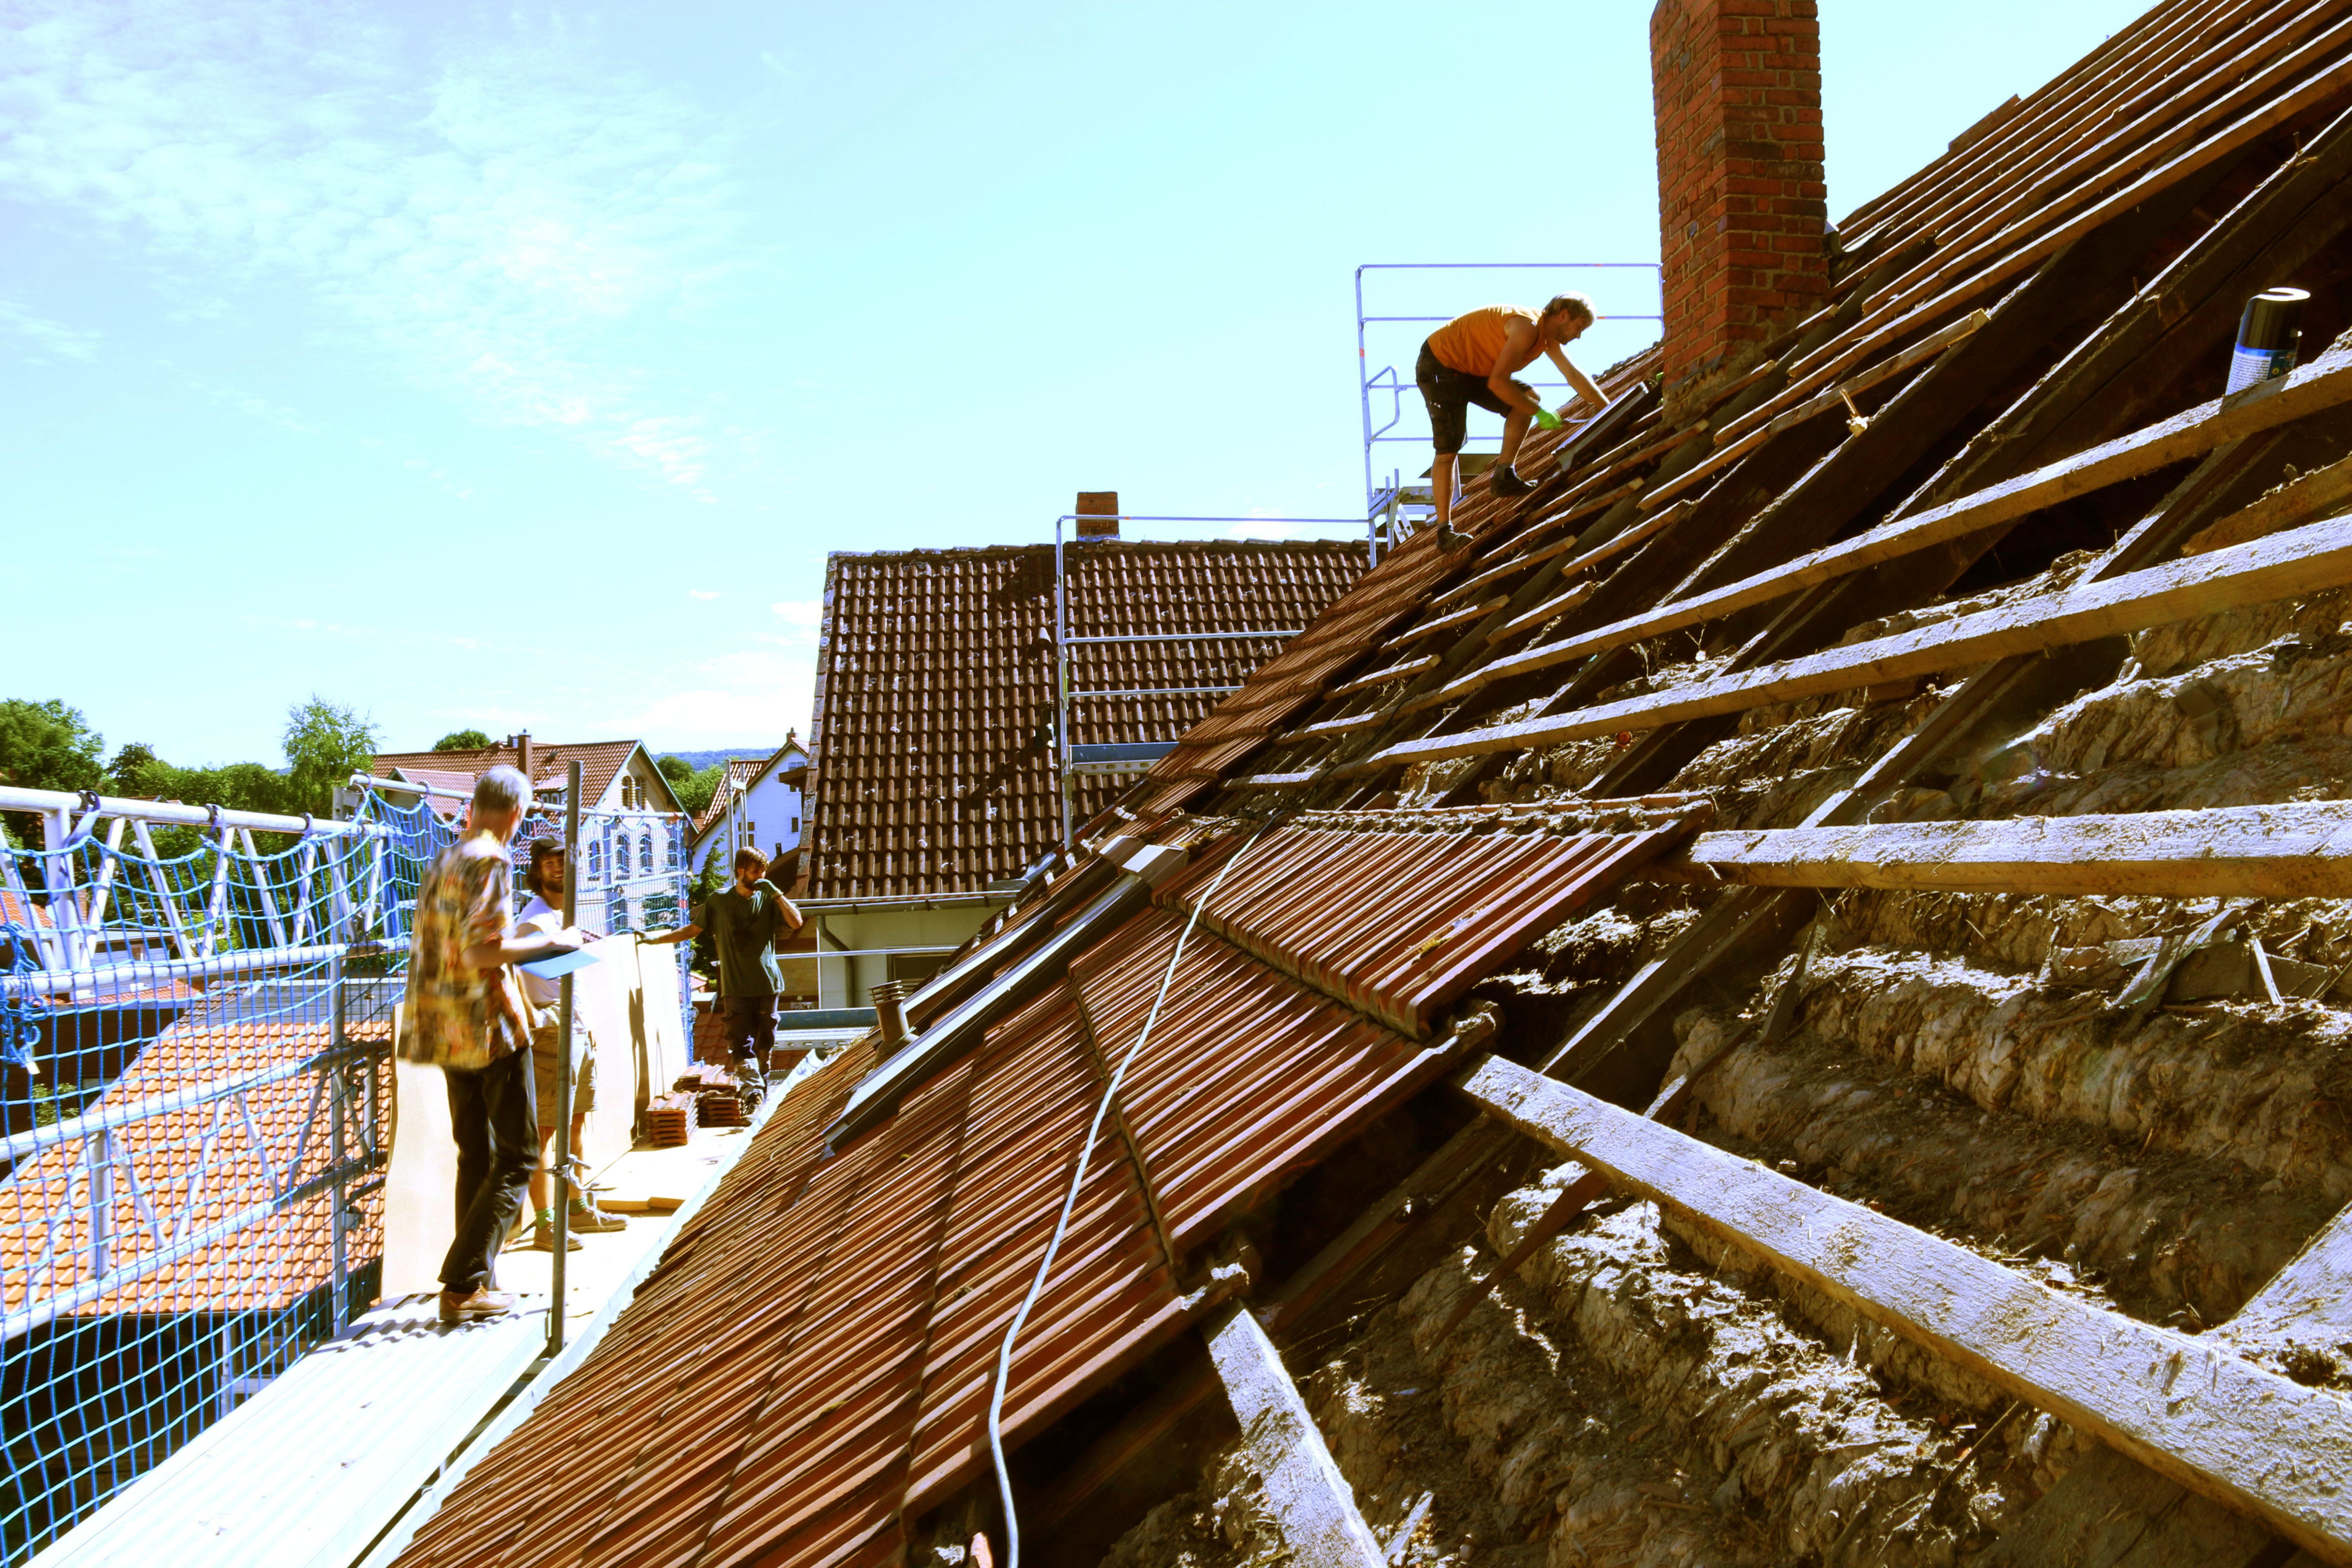 Halb abgedecktes Dach mit sichtbaren Lehmwickeln.